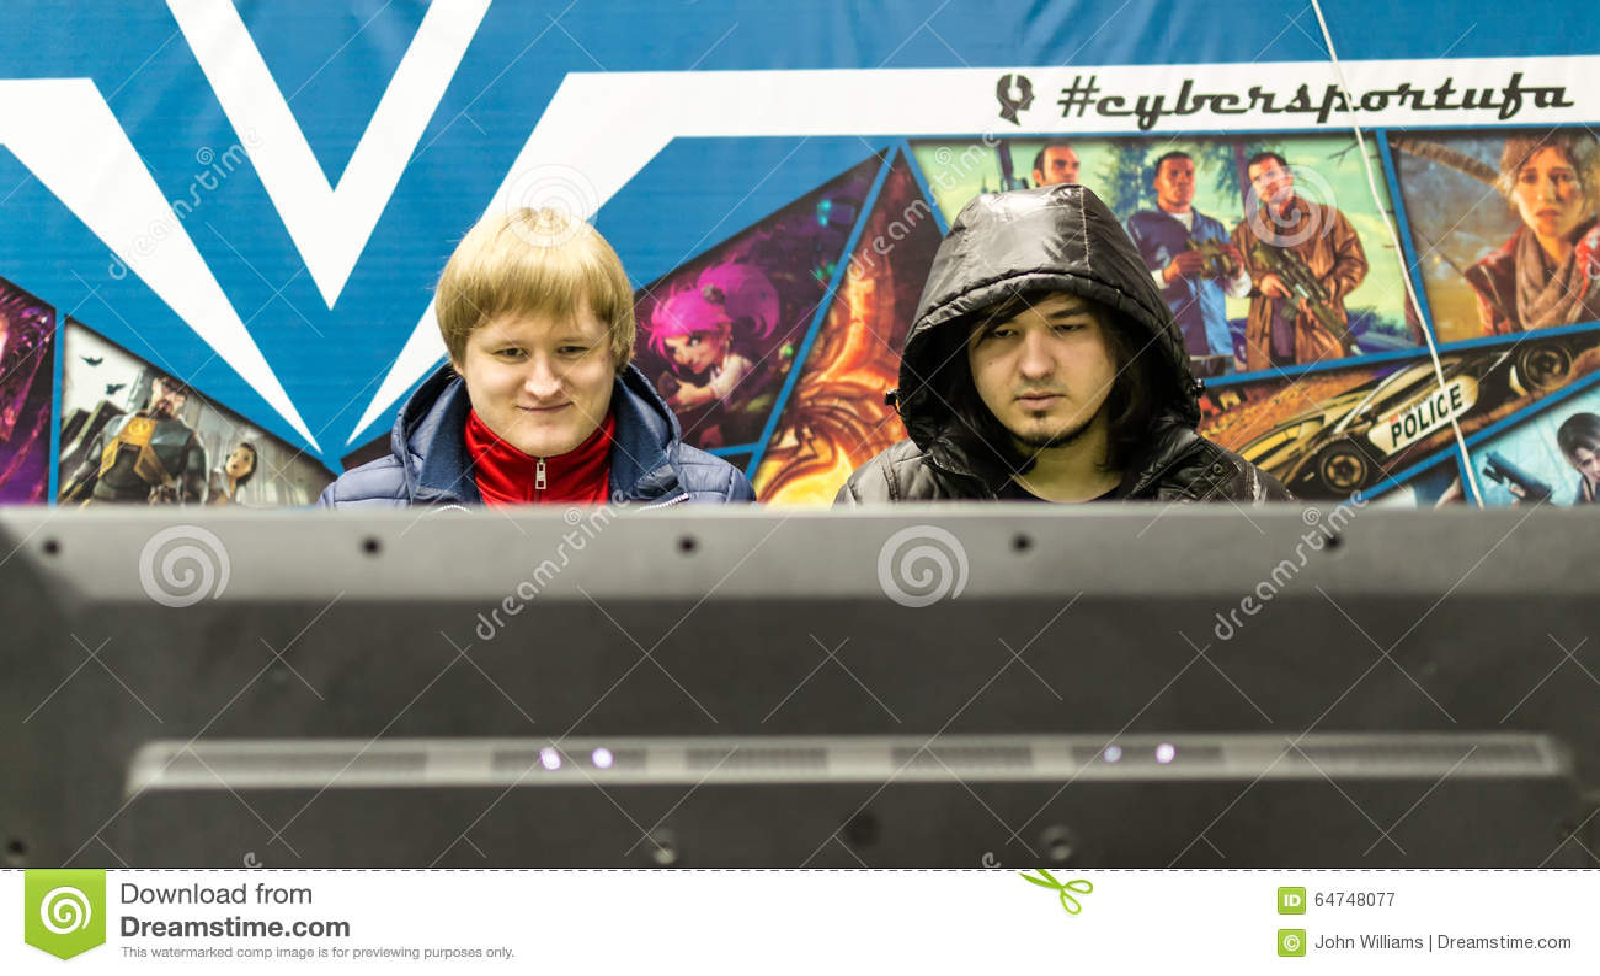 russische spiele